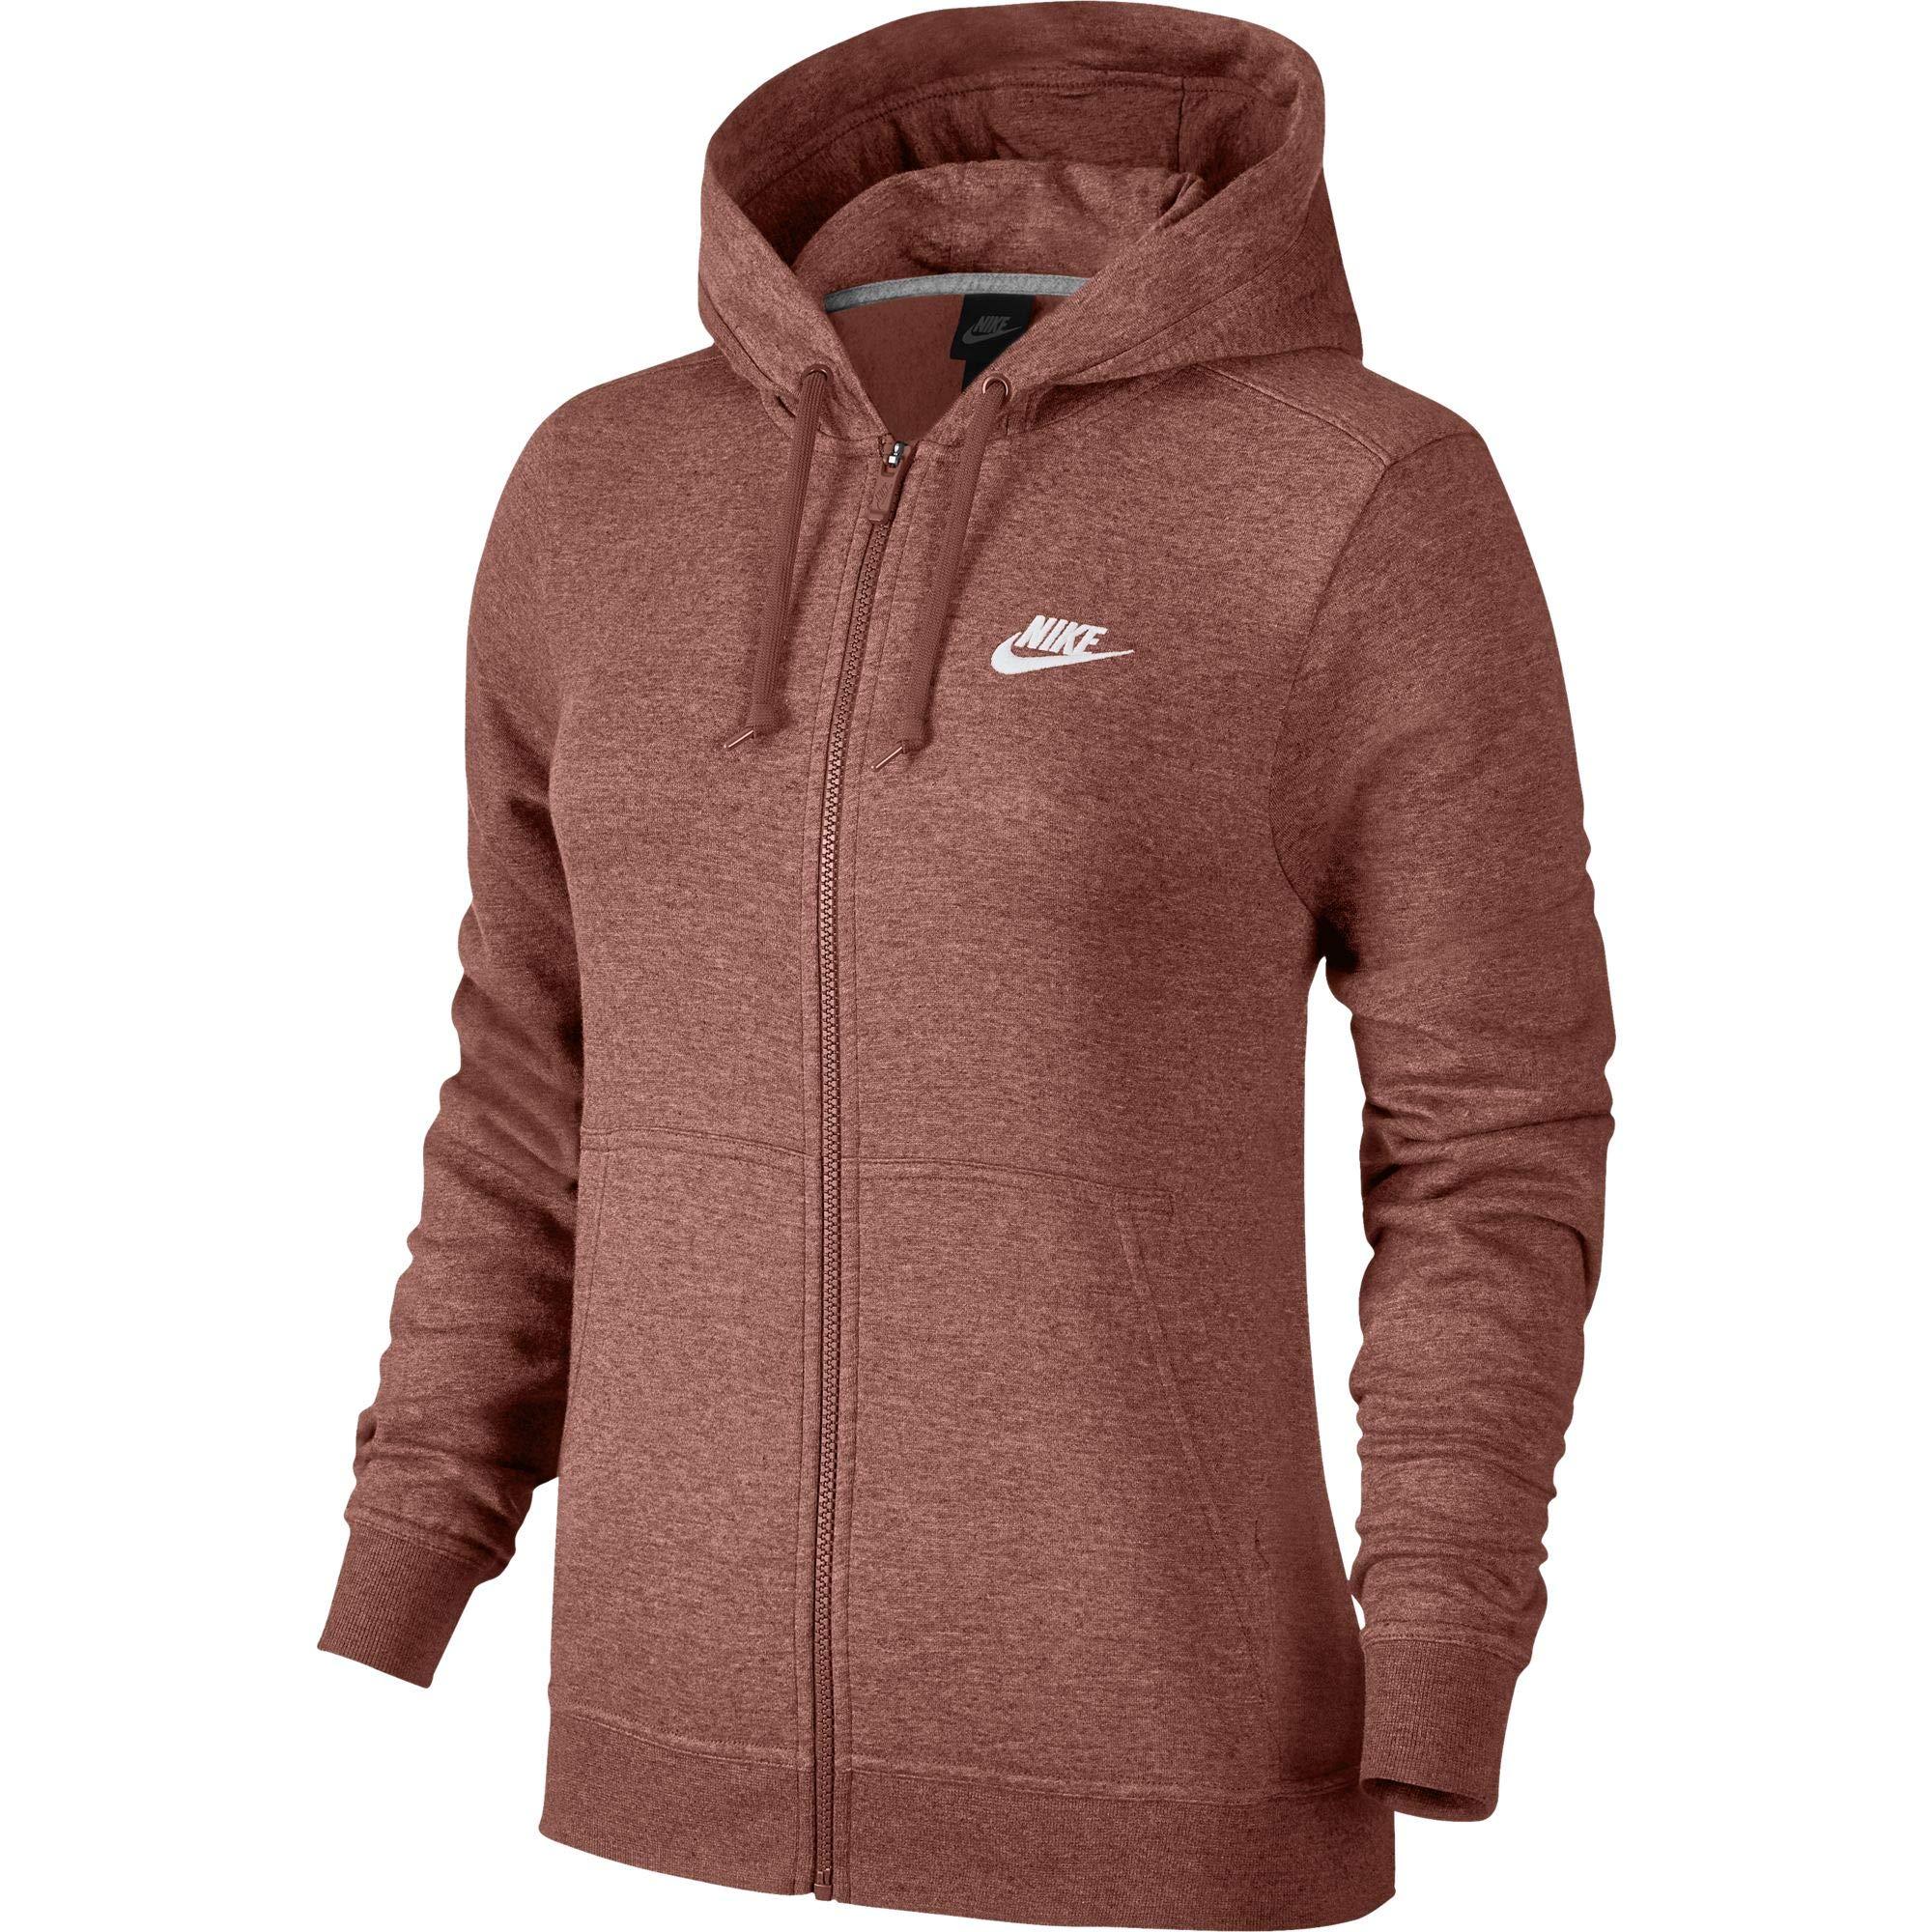 Nike Women's Sportswear Full Zip Fleece Hoodie, Rust Pink (X-Small)